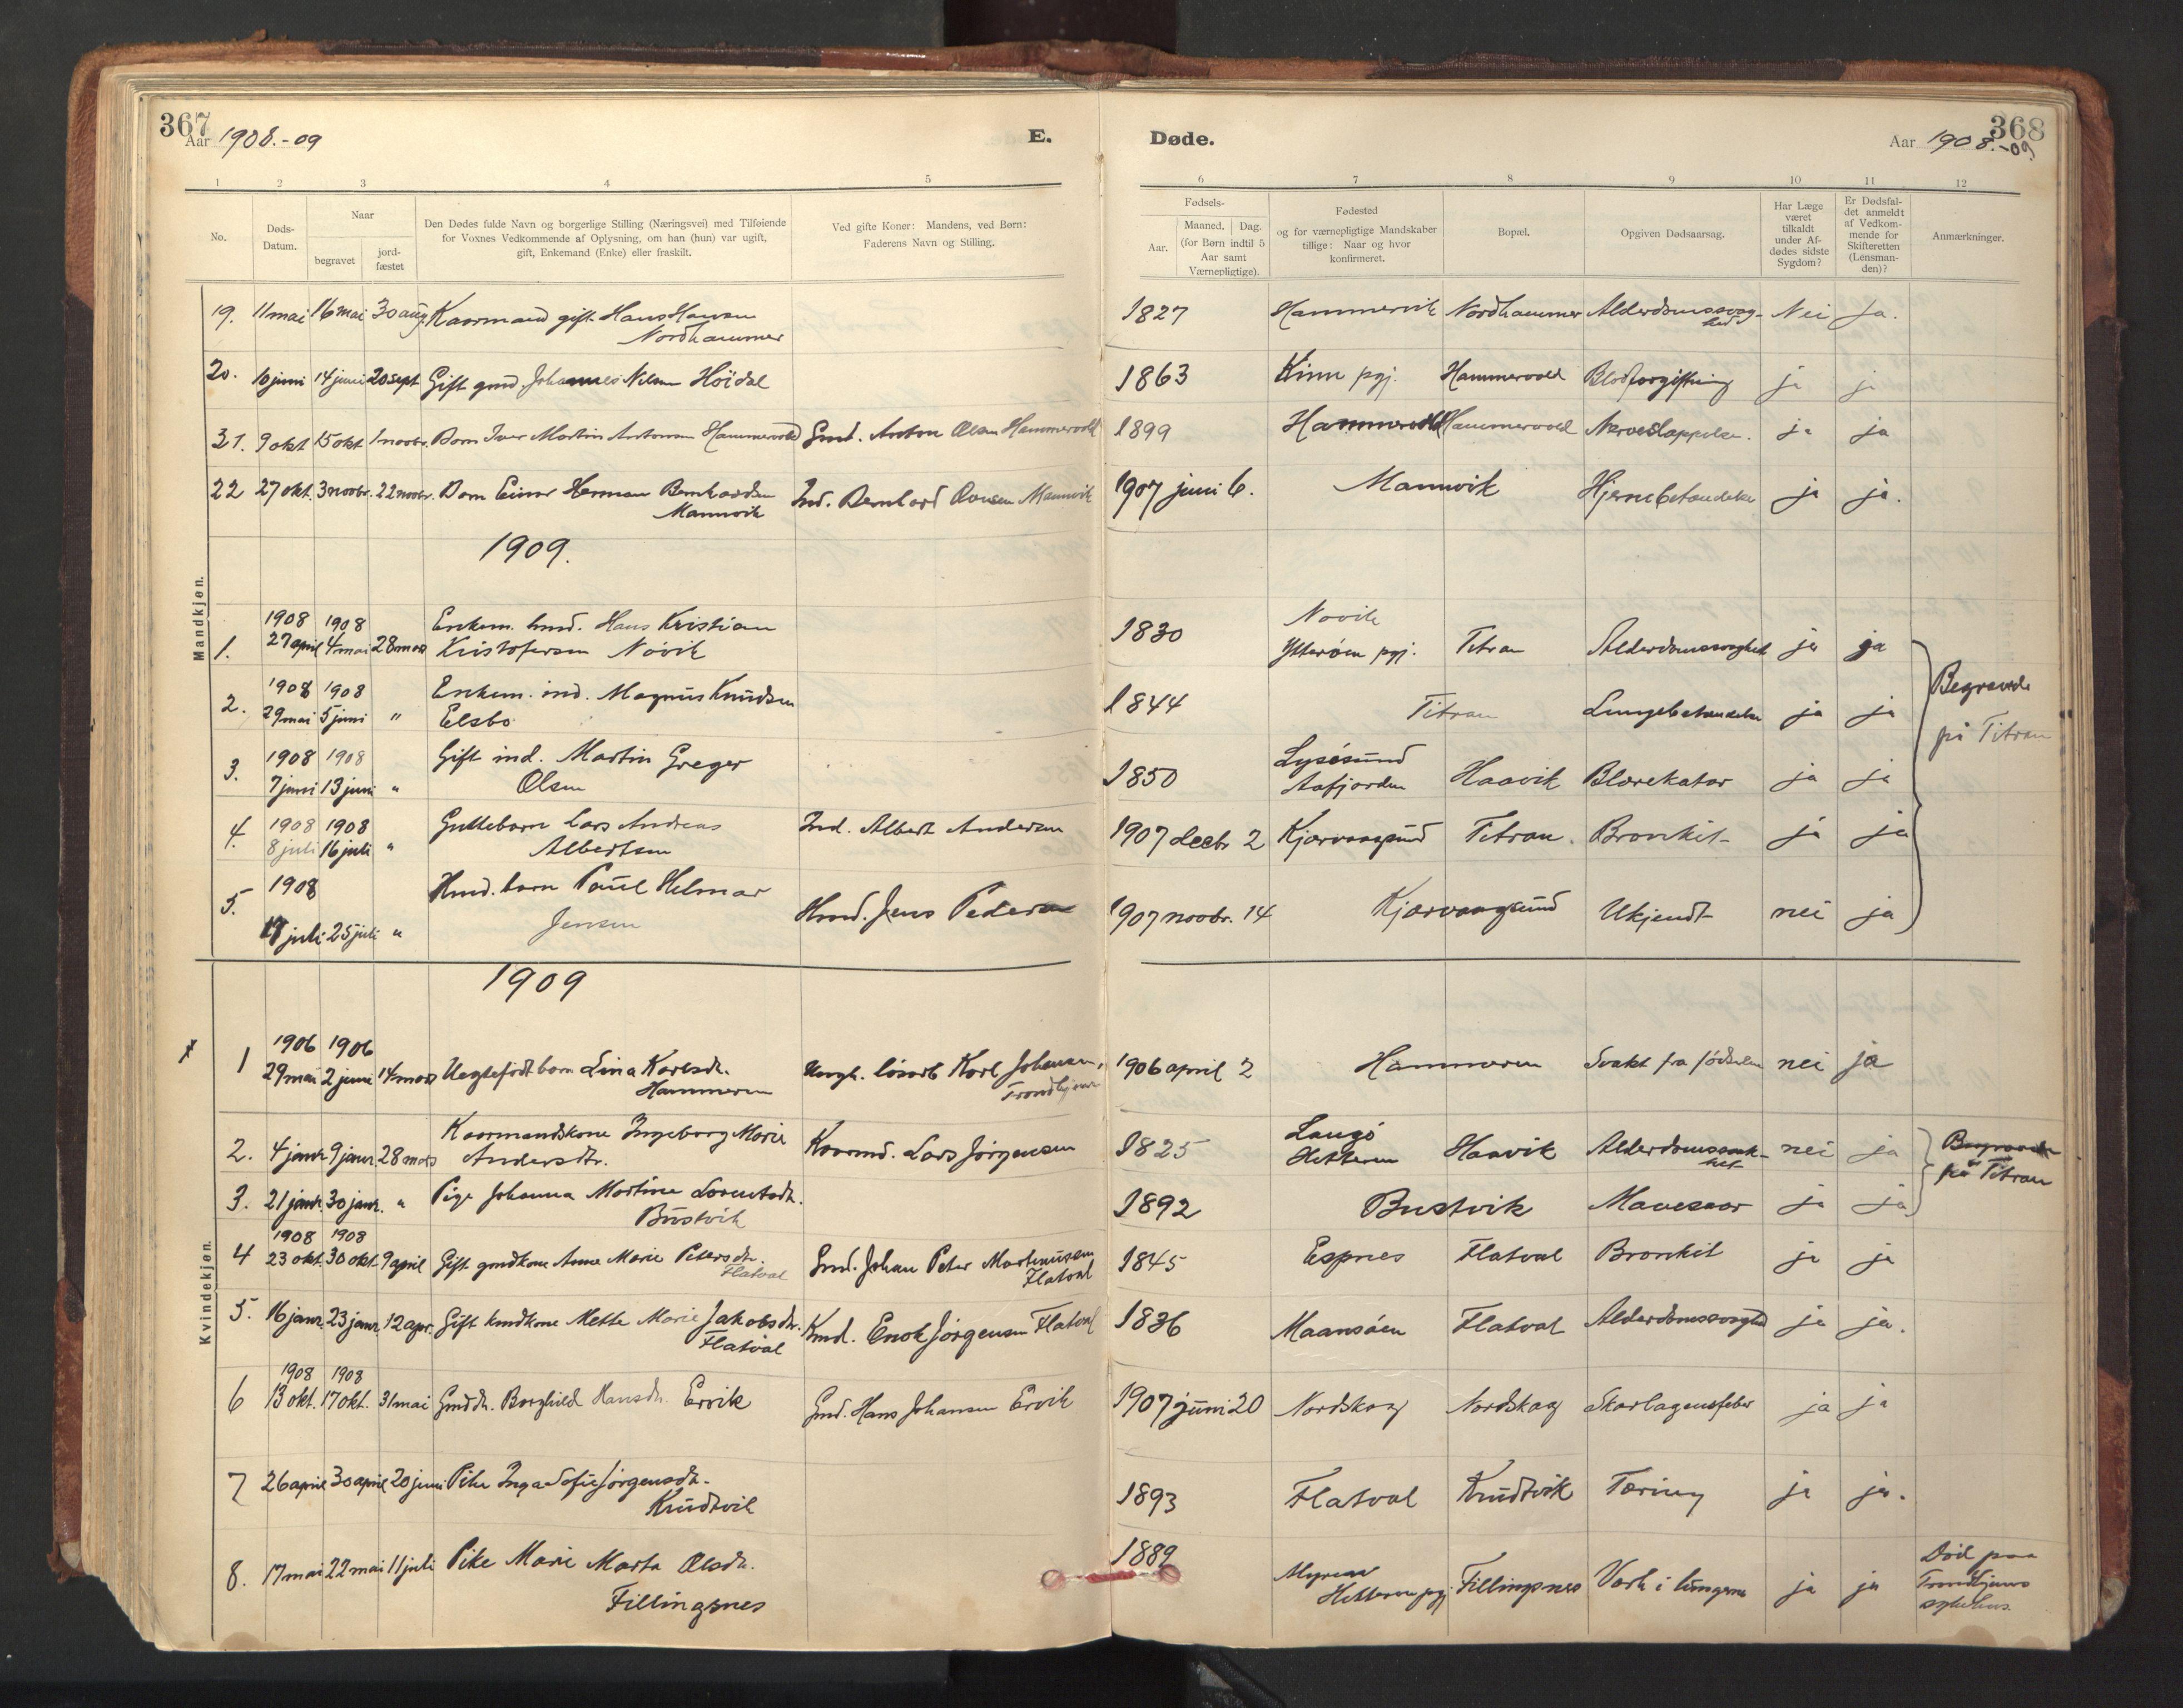 SAT, Ministerialprotokoller, klokkerbøker og fødselsregistre - Sør-Trøndelag, 641/L0596: Ministerialbok nr. 641A02, 1898-1915, s. 367-368